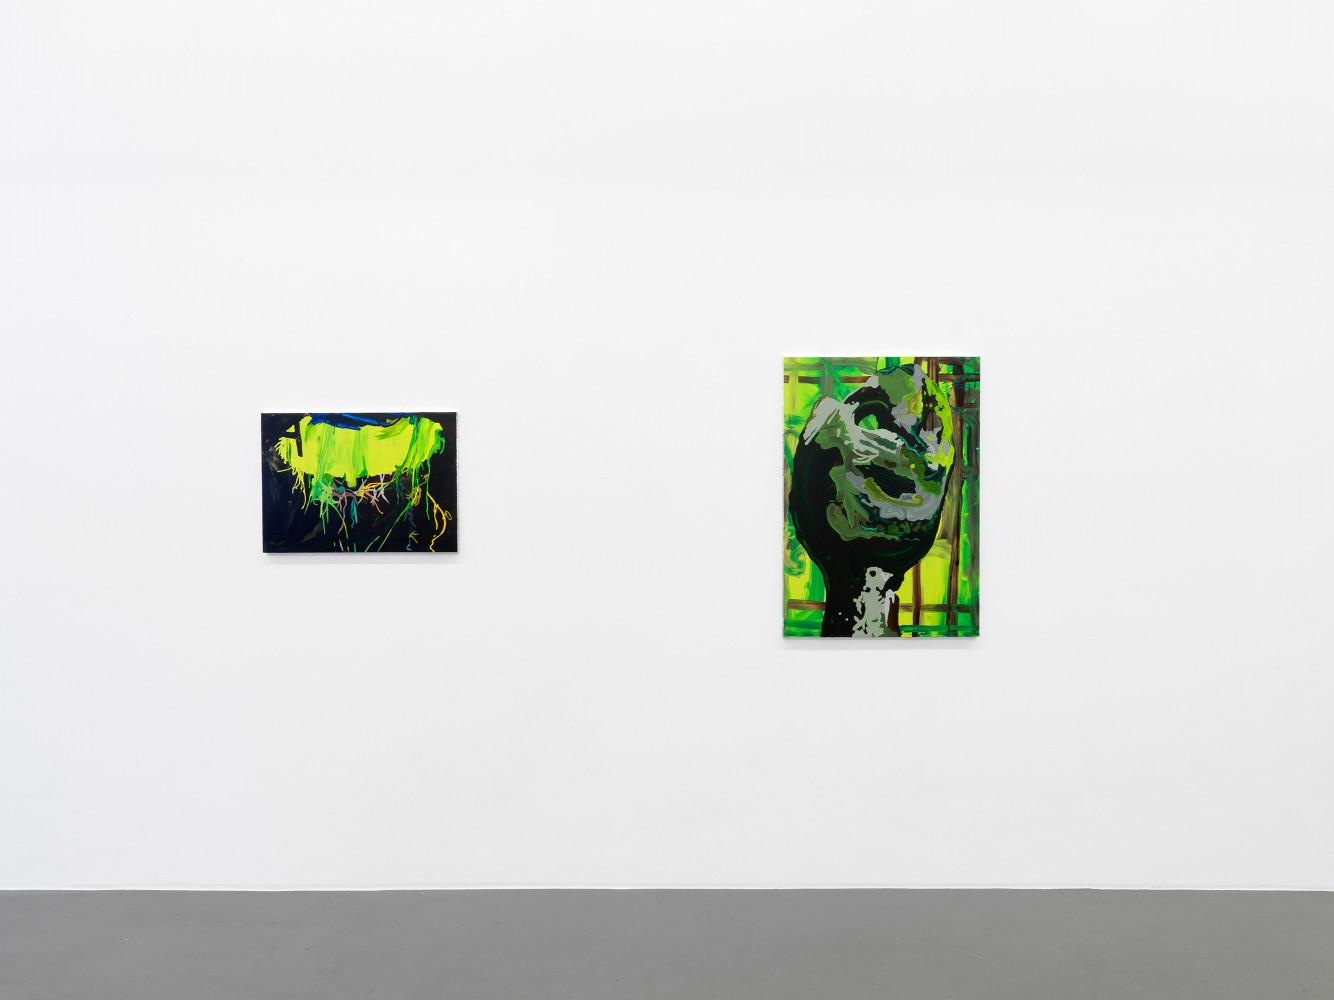 Clare Woods, 'The Dark Matter', Installation view, Buchmann Galerie